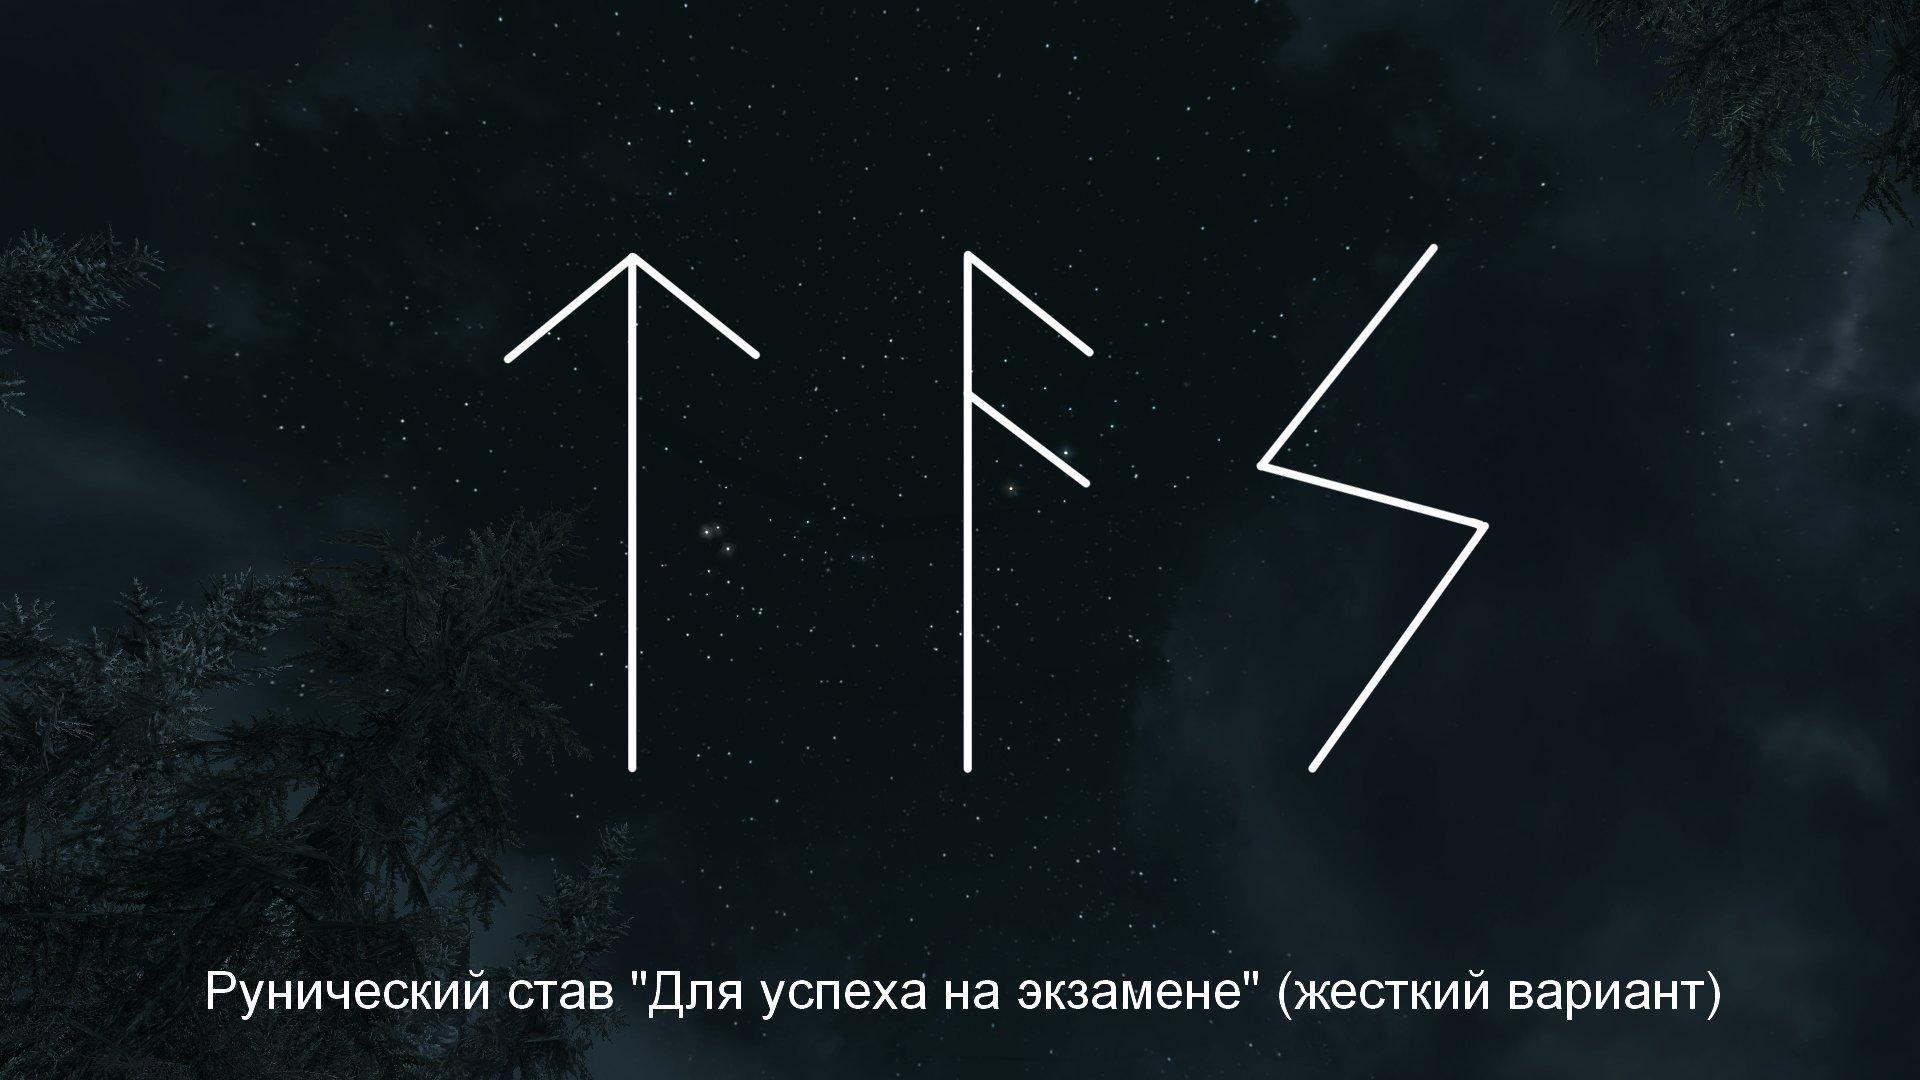 """Рунический став """"Для успеха на экзамене"""" (жесткий вариант)"""